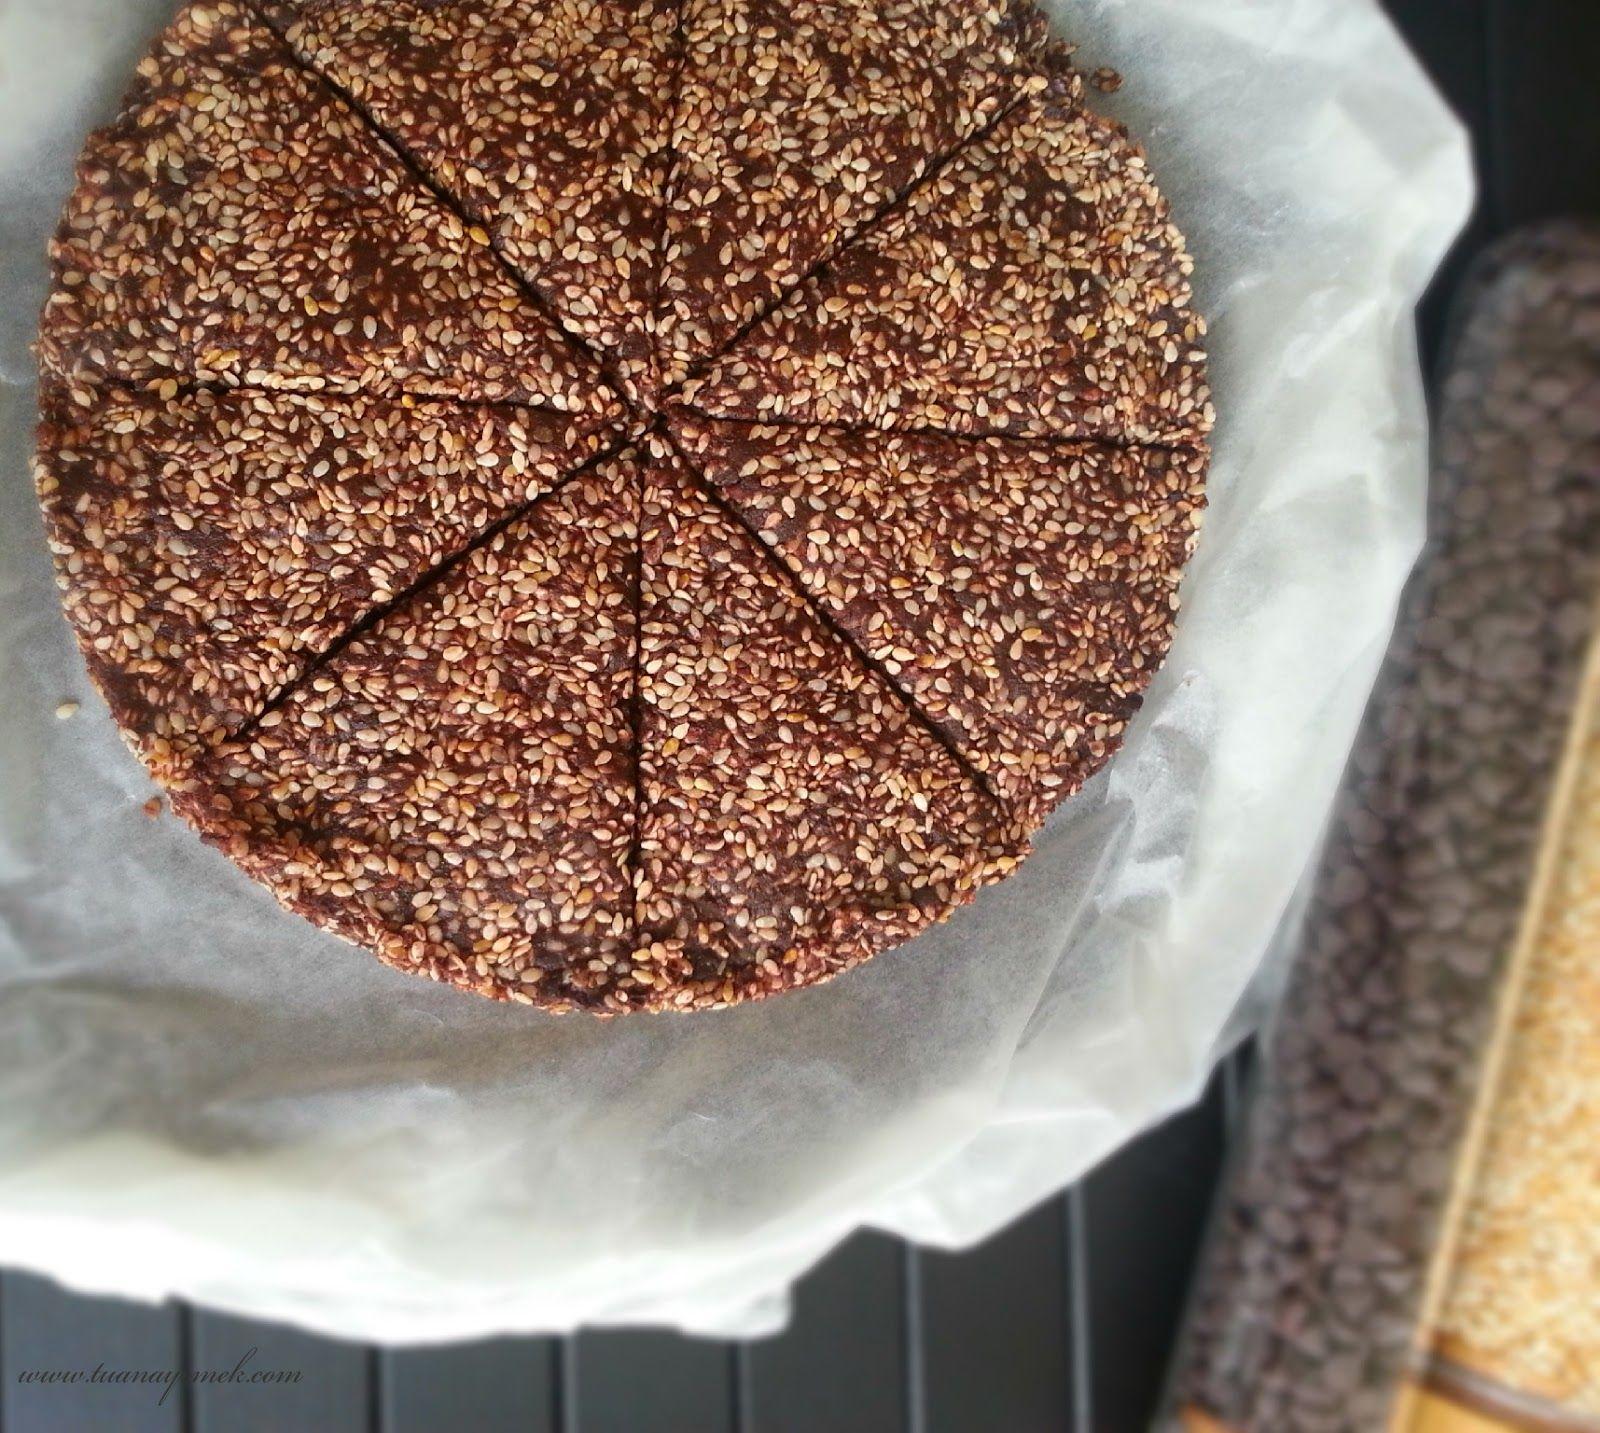 Malzemeler:  - 1 kase damla bitter çikolata  - 1 kase kavrulmuş susam  - 1 çay bardağı sıvı krema   Hazırlanışı:  - Kre...